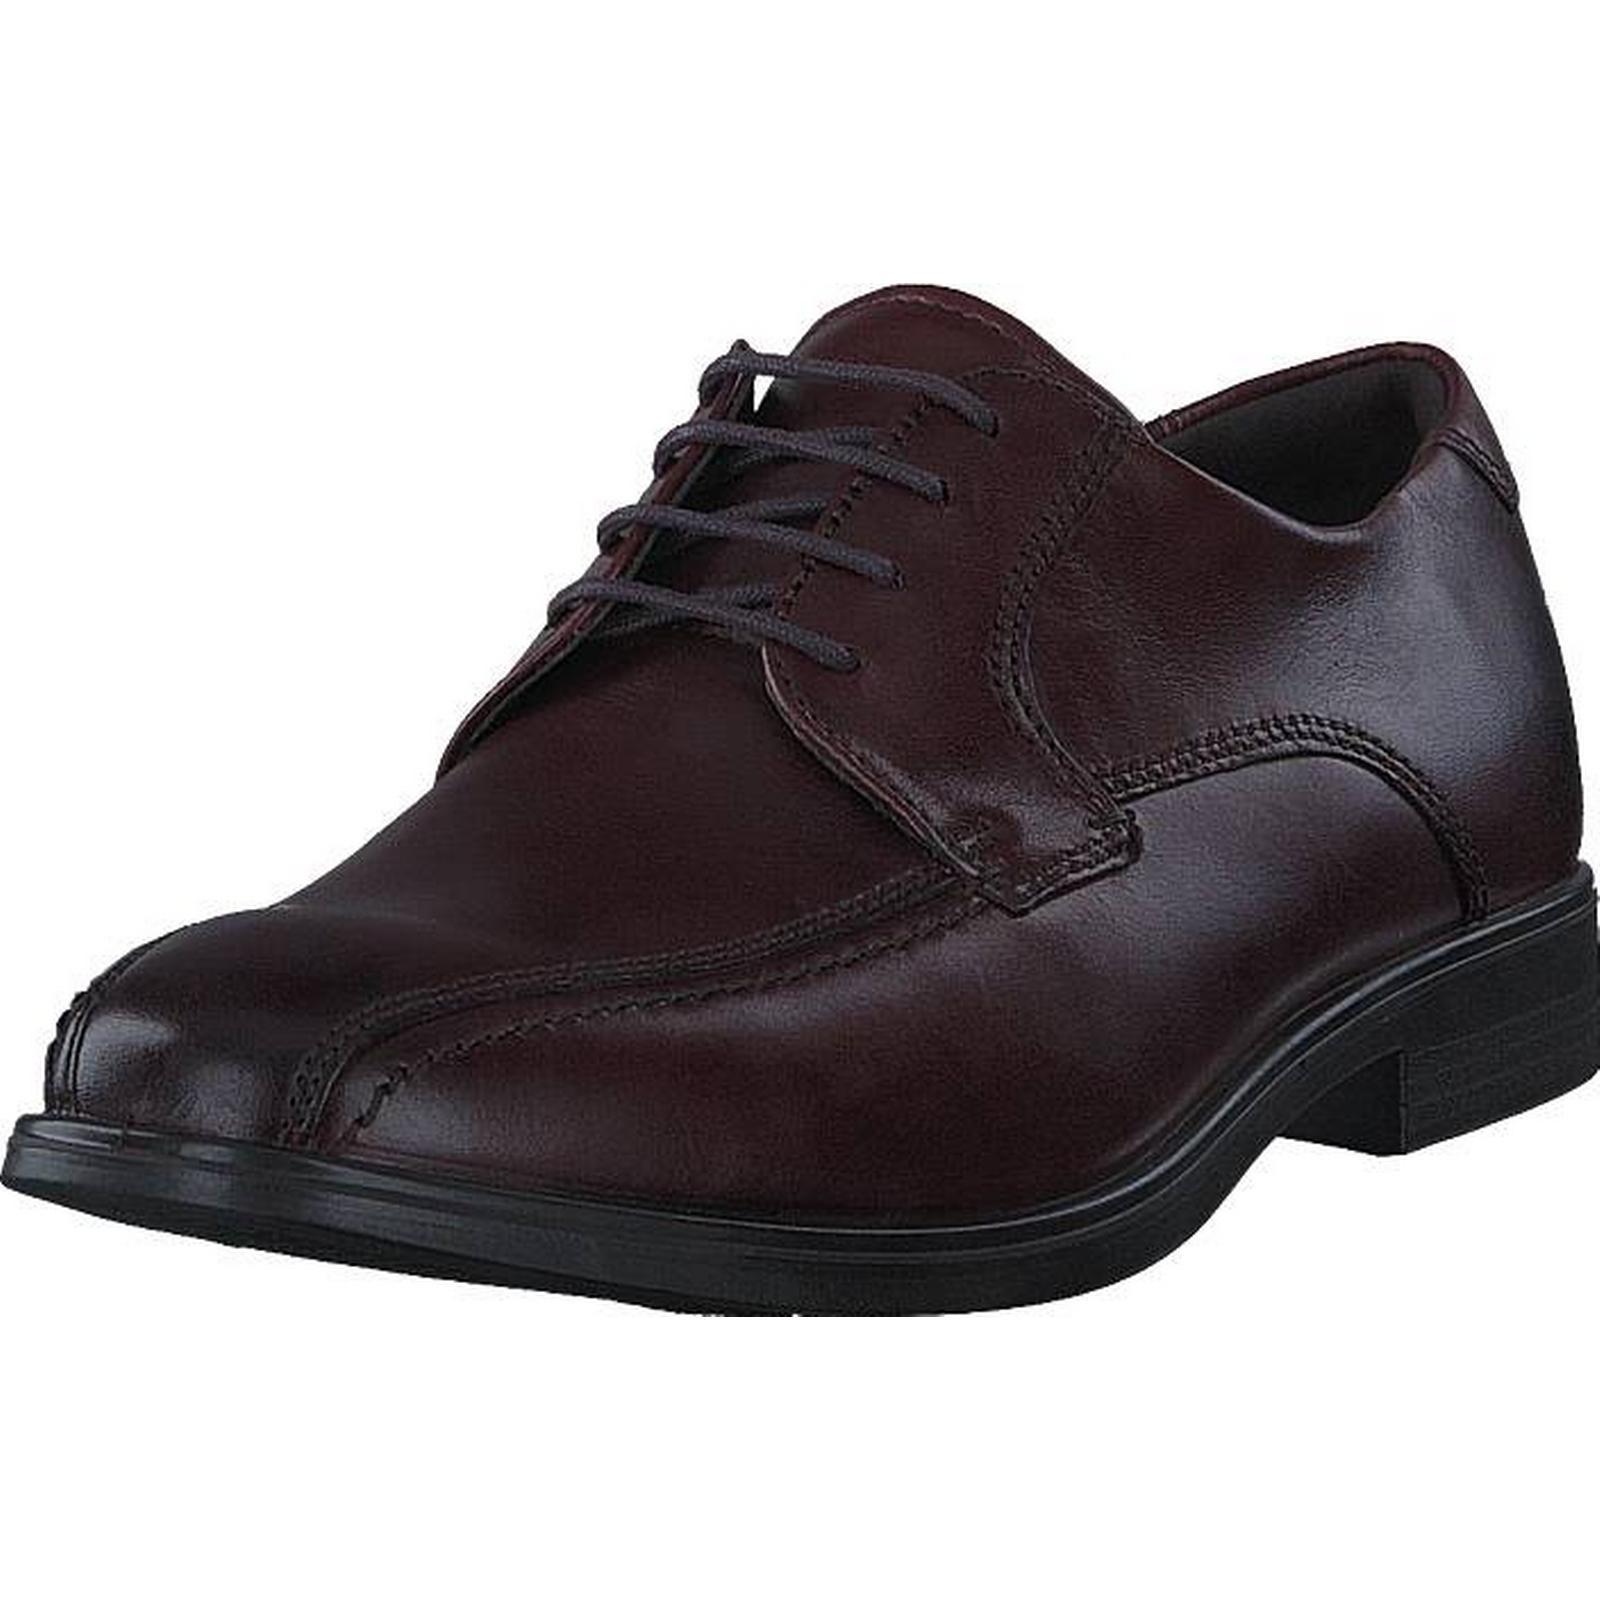 Ecco Melbourne Mink, Shoes, Shoes, Mink, Flats, Dress Shoes, Brown, Male, 43 91ce56